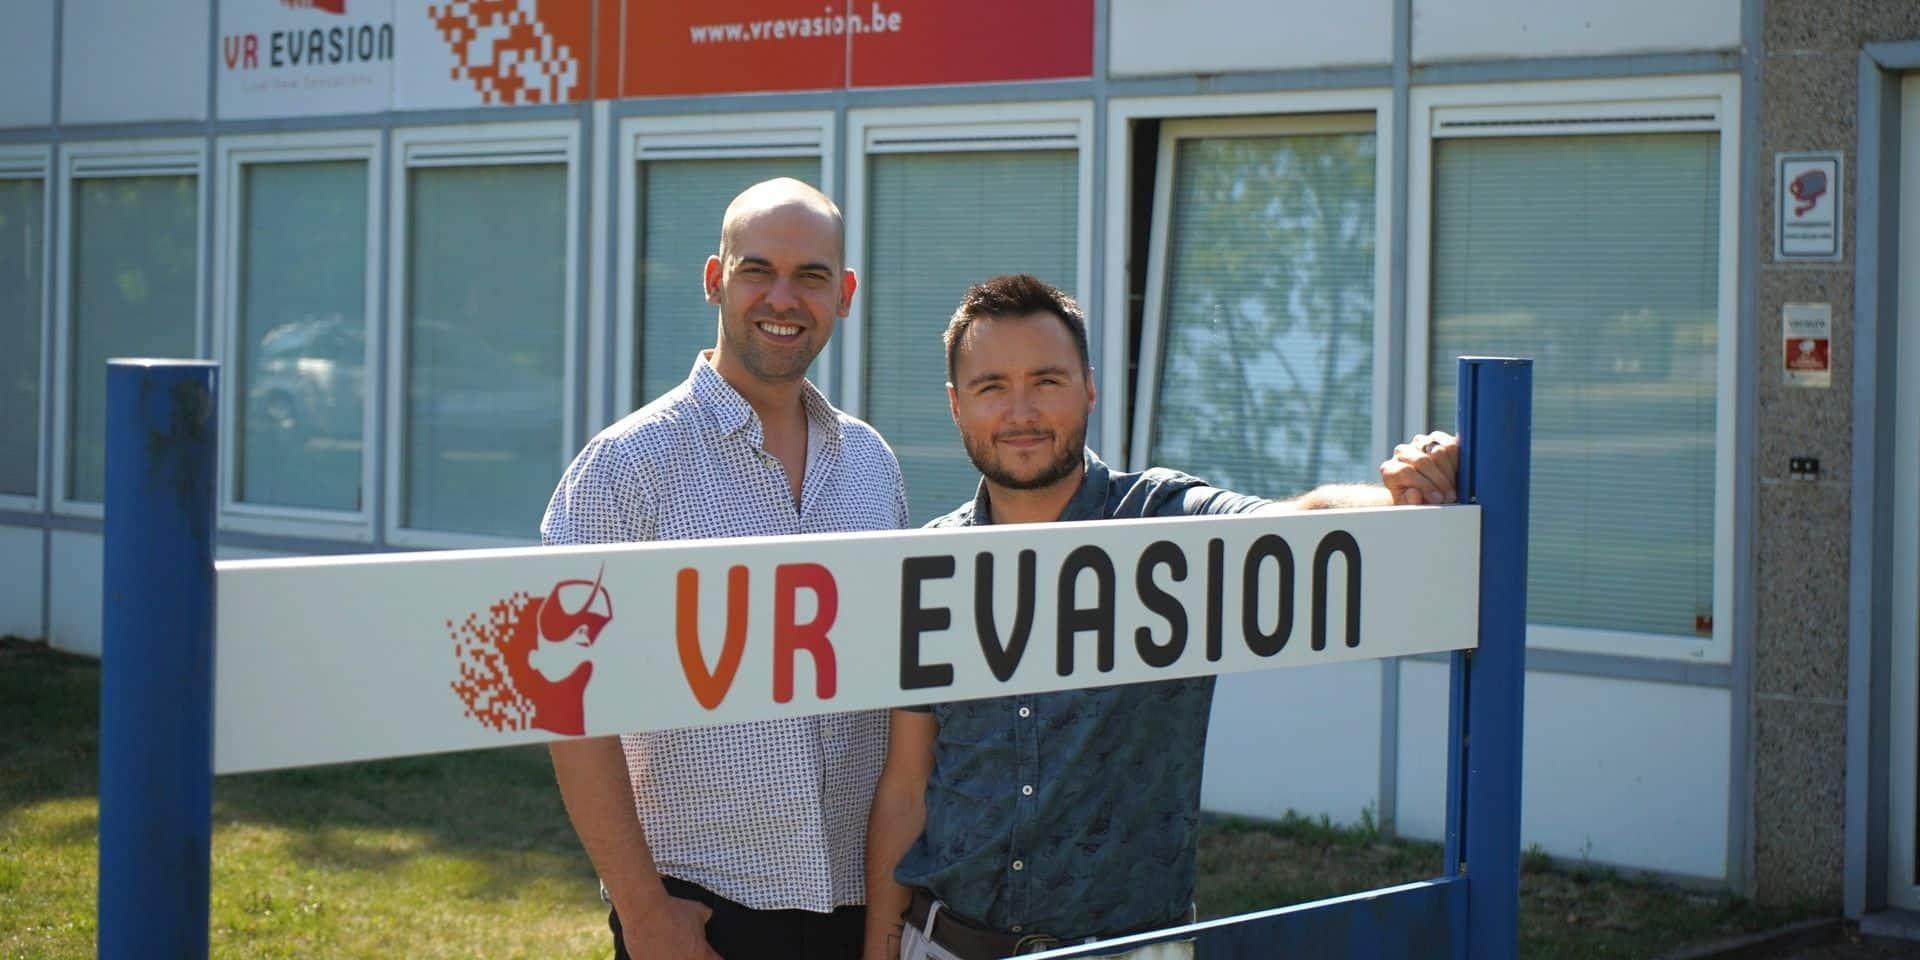 Un voyage sur Mars avec VR Evasion à Nivelles